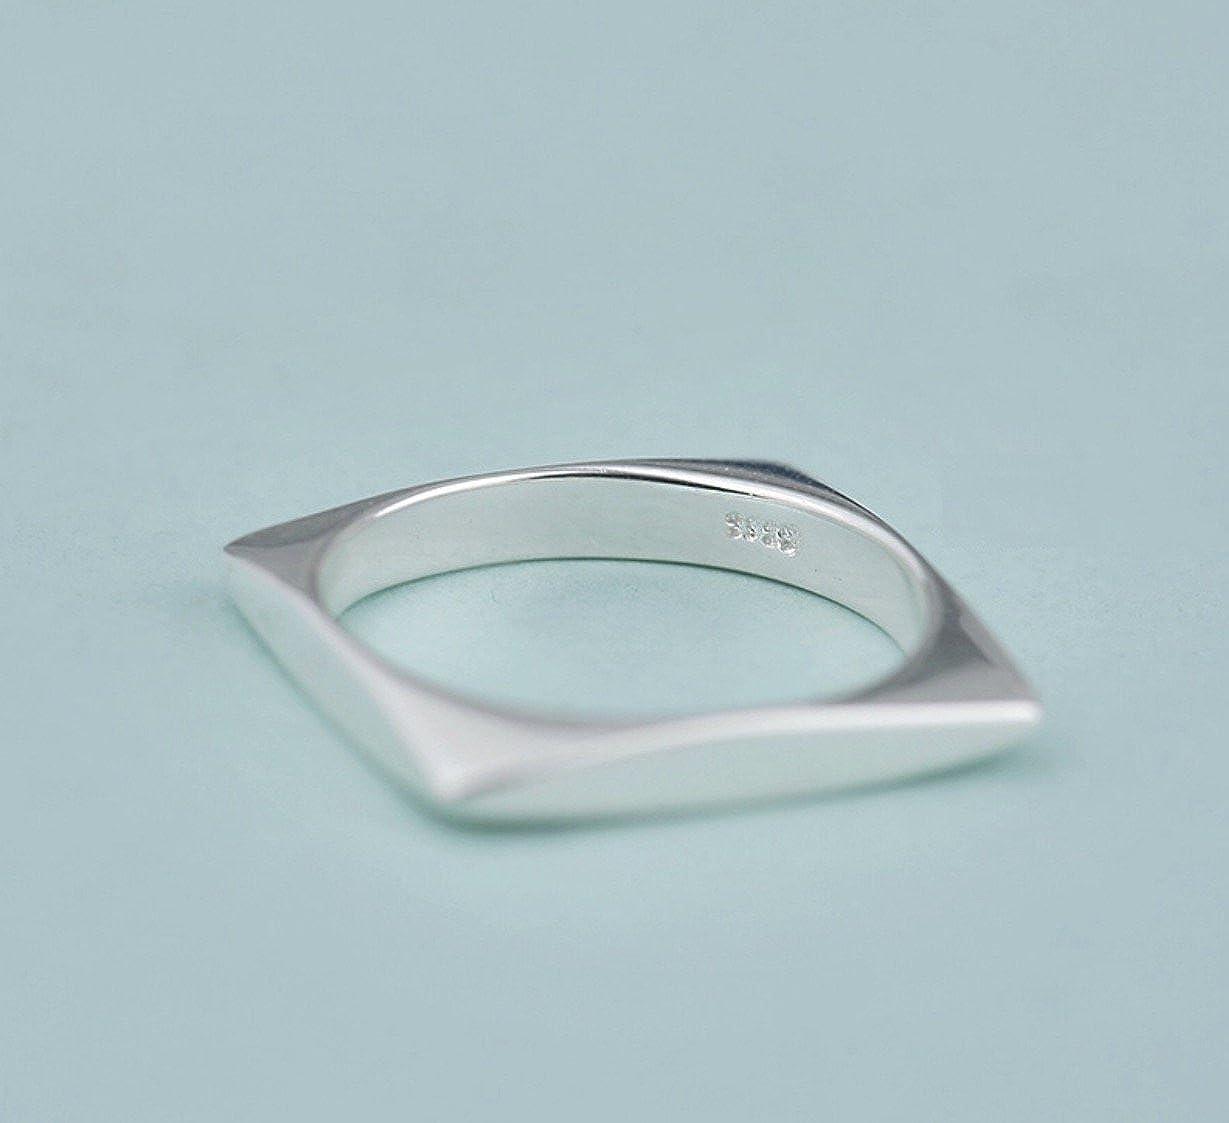 Iszie Jewellery con design geometrico a forma di barra anello in argento Sterling a forma di barretta